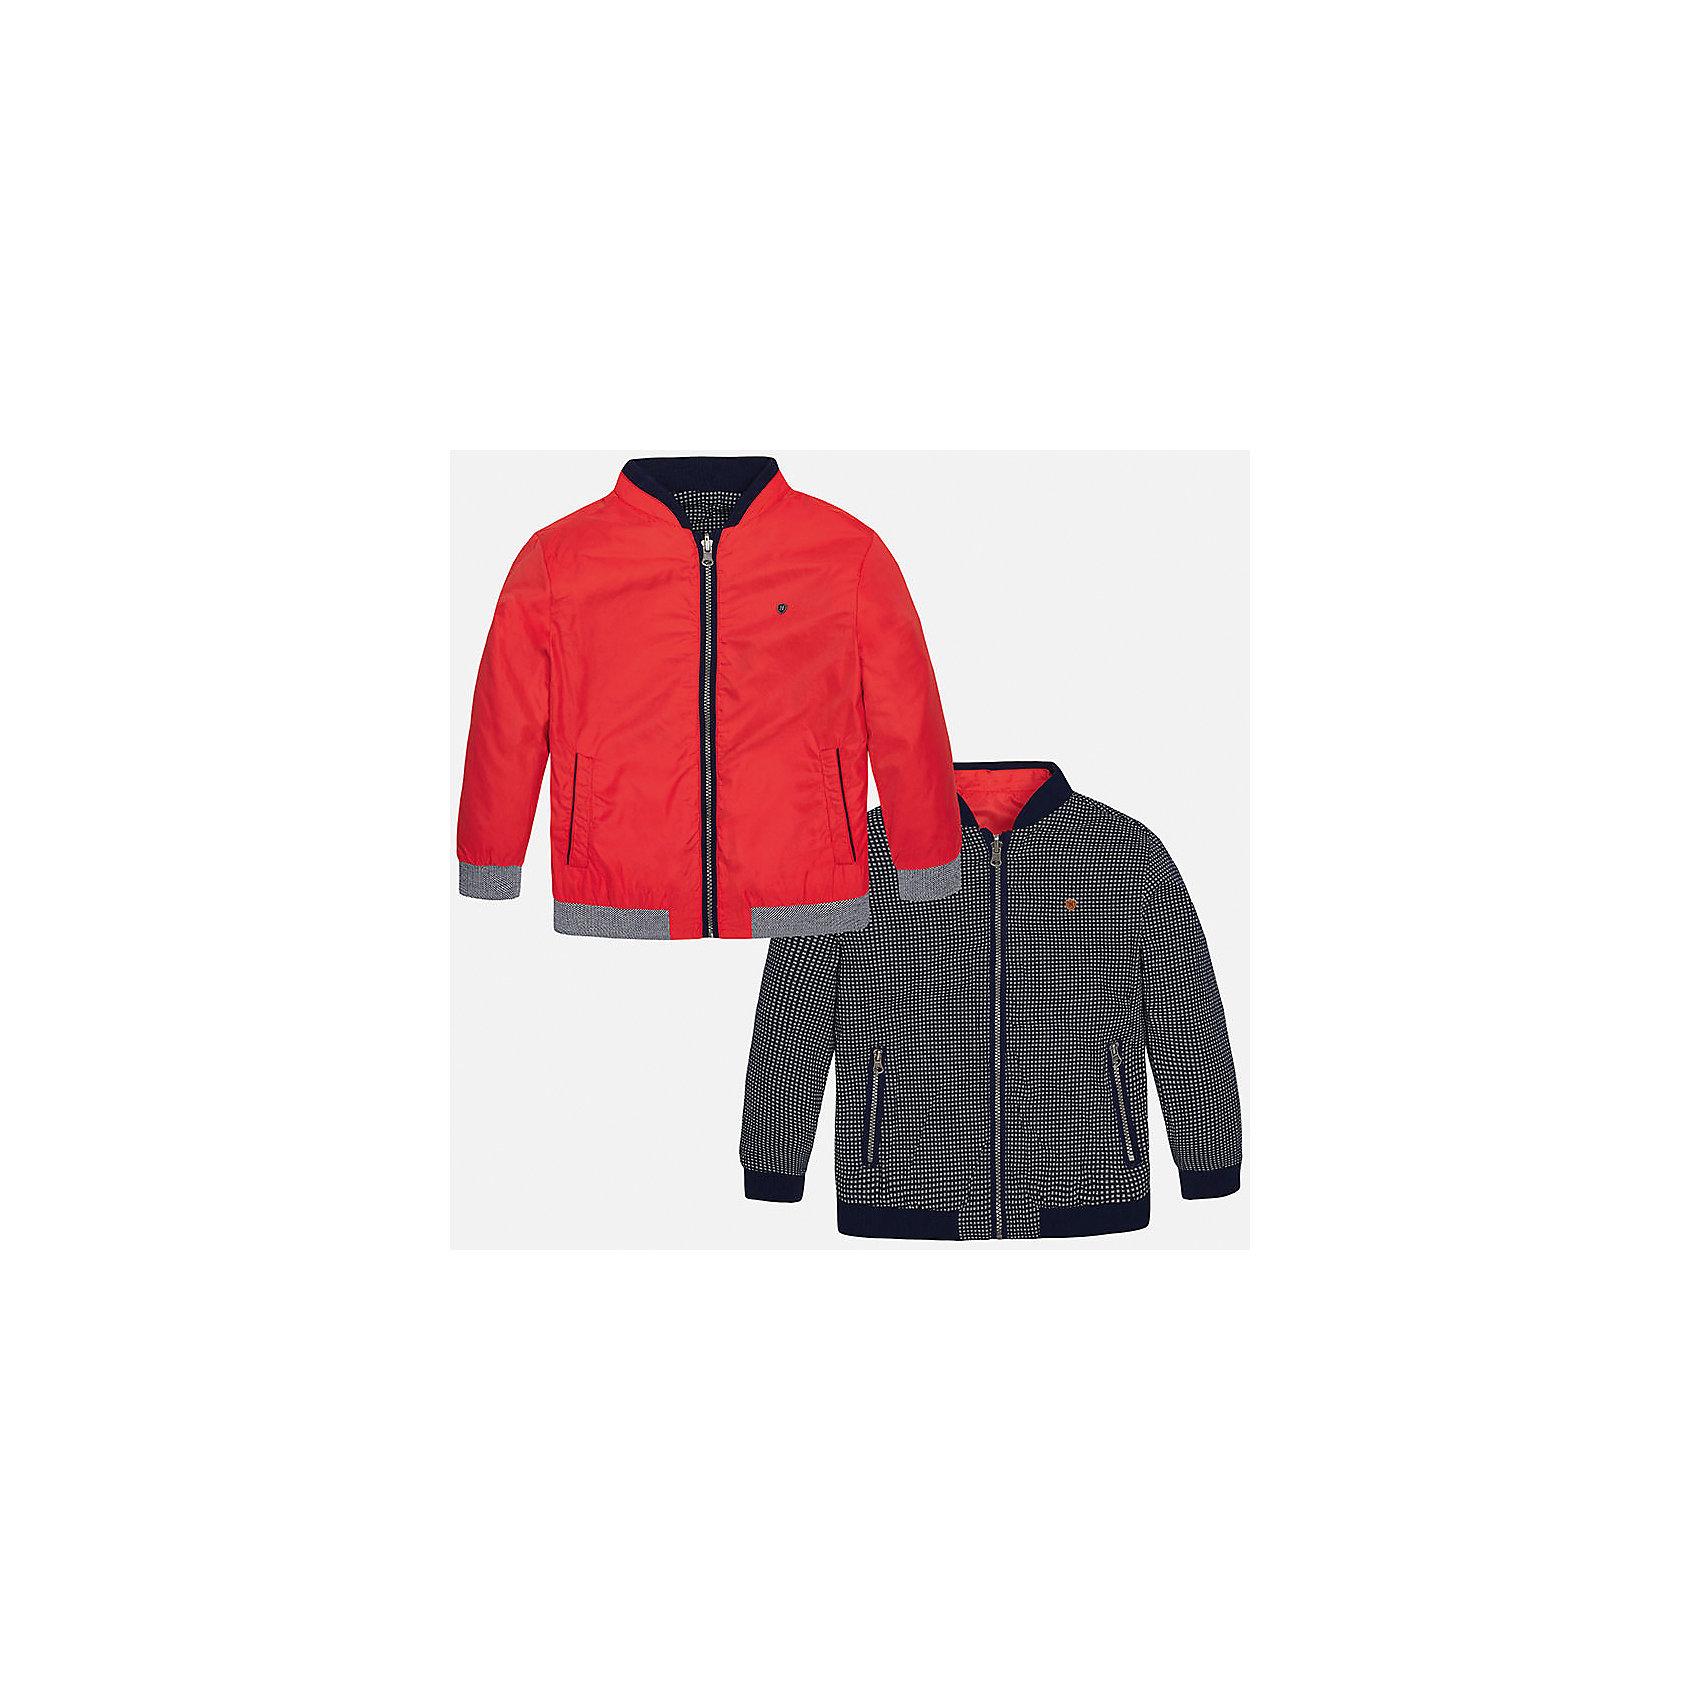 Ветровка двухсторонняя для мальчика MayoralВерхняя одежда<br>Характеристики товара:<br><br>• цвет: красный/синий<br>• состав: 100% полиэстер, подкладка - 100% хлопок<br>• двусторонняя<br>• карманы<br>• молния<br>• манжеты<br>• страна бренда: Испания<br><br>Легкая куртка для мальчика поможет разнообразить гардероб ребенка и обеспечить тепло в прохладную погоду. Эта ветровка - два в одном: стоит её вывернуть - и появляется еще одна курточка другой расцветки. Она отлично сочетается и с джинсами, и с брюками. Универсальный цвет позволяет подобрать к вещи низ различных расцветок. Интересная отделка модели делает её нарядной и оригинальной. <br><br>Одежда, обувь и аксессуары от испанского бренда Mayoral полюбились детям и взрослым по всему миру. Модели этой марки - стильные и удобные. Для их производства используются только безопасные, качественные материалы и фурнитура. Порадуйте ребенка модными и красивыми вещами от Mayoral! <br><br>Ветровку для мальчика от испанского бренда Mayoral (Майорал) можно купить в нашем интернет-магазине.<br><br>Ширина мм: 356<br>Глубина мм: 10<br>Высота мм: 245<br>Вес г: 519<br>Цвет: красный<br>Возраст от месяцев: 84<br>Возраст до месяцев: 96<br>Пол: Мужской<br>Возраст: Детский<br>Размер: 128/134,152,170,164,158,140<br>SKU: 5281968